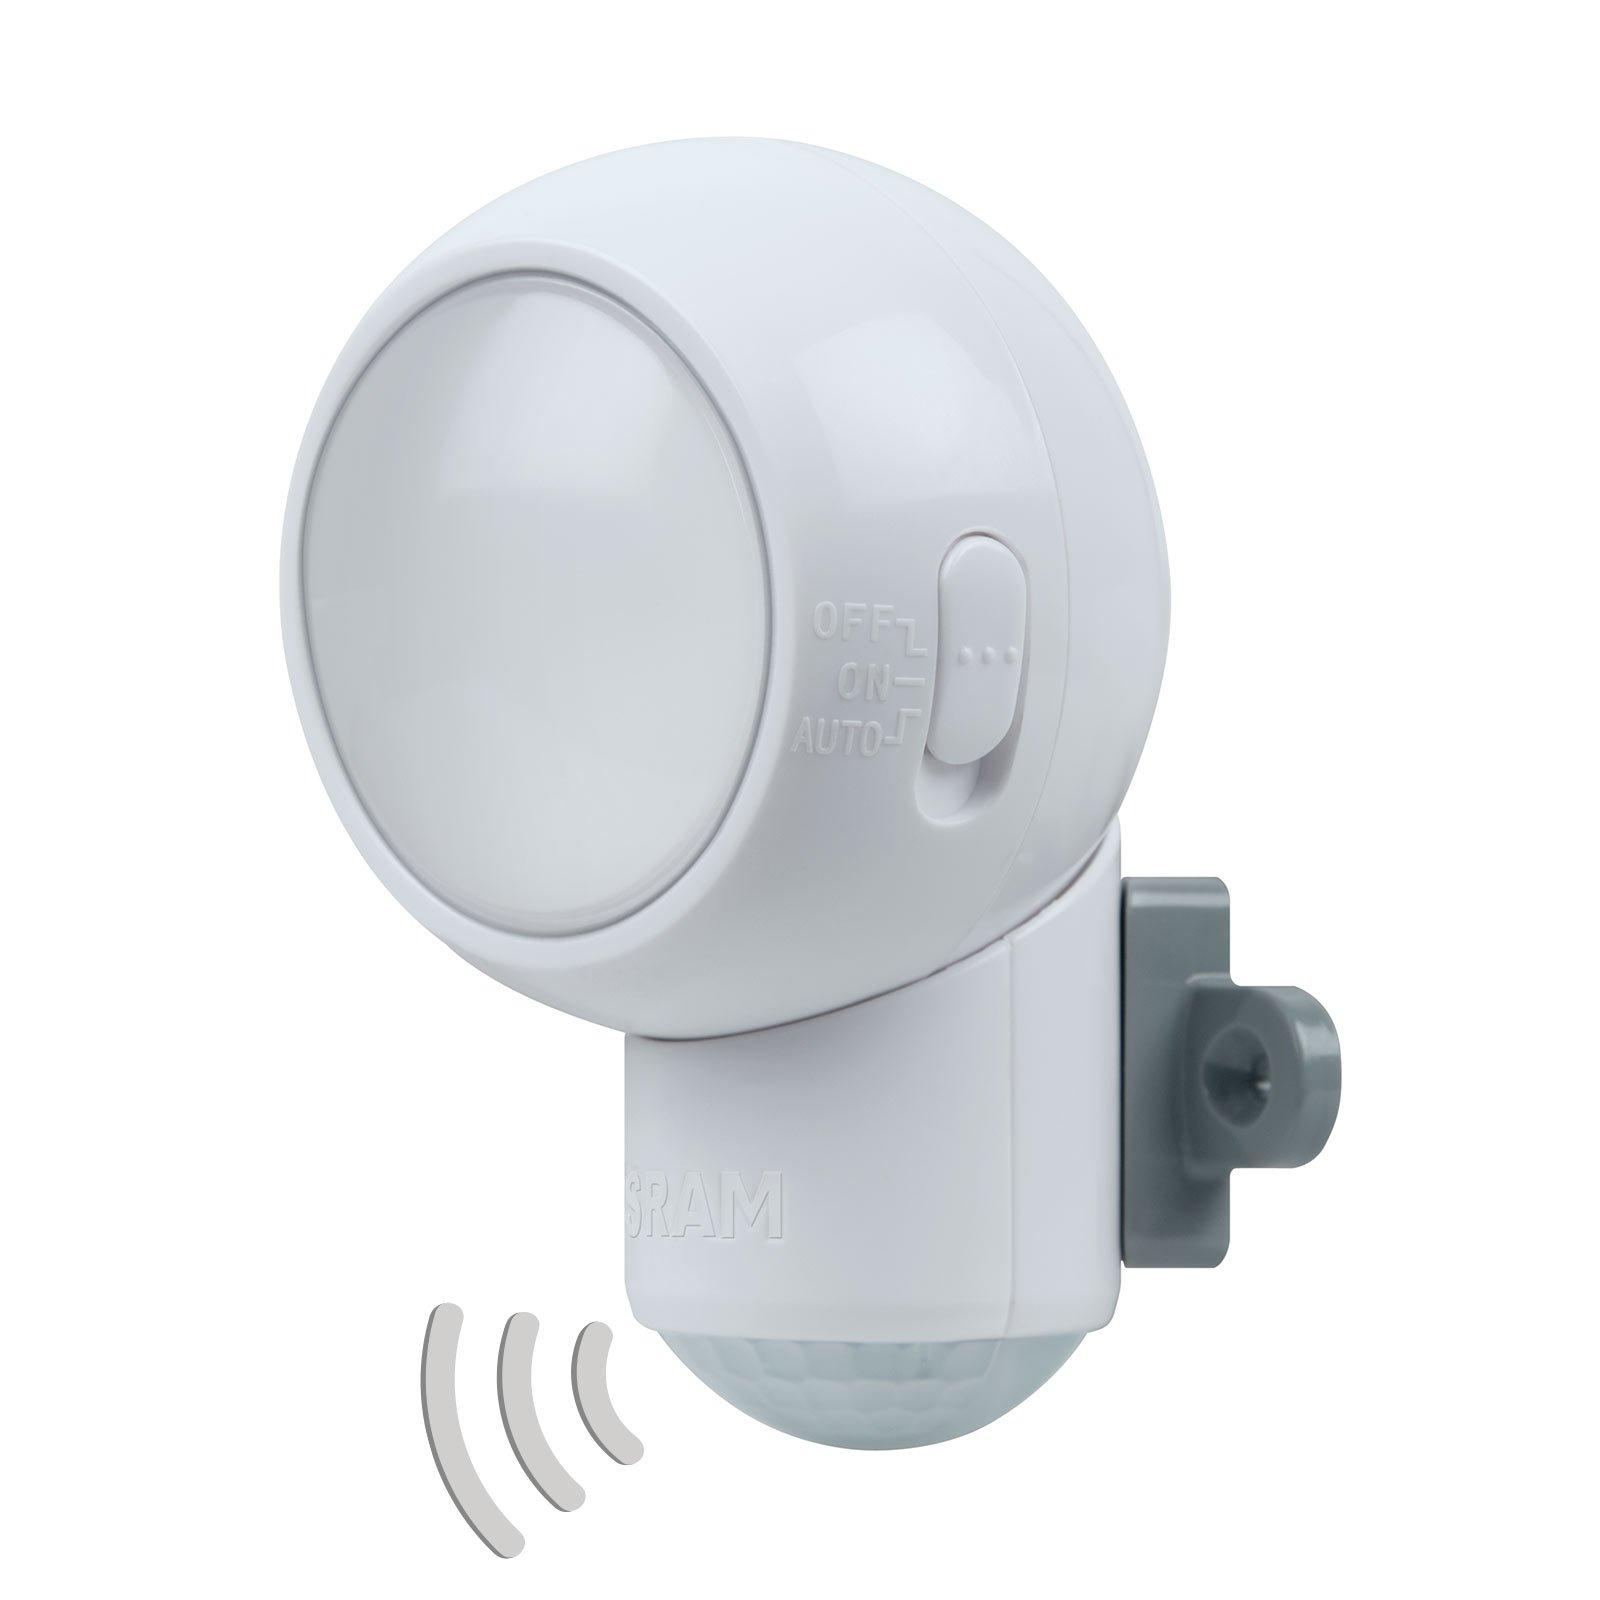 LEDVANCE Spylux LED-multifunksjonslampe, sensor